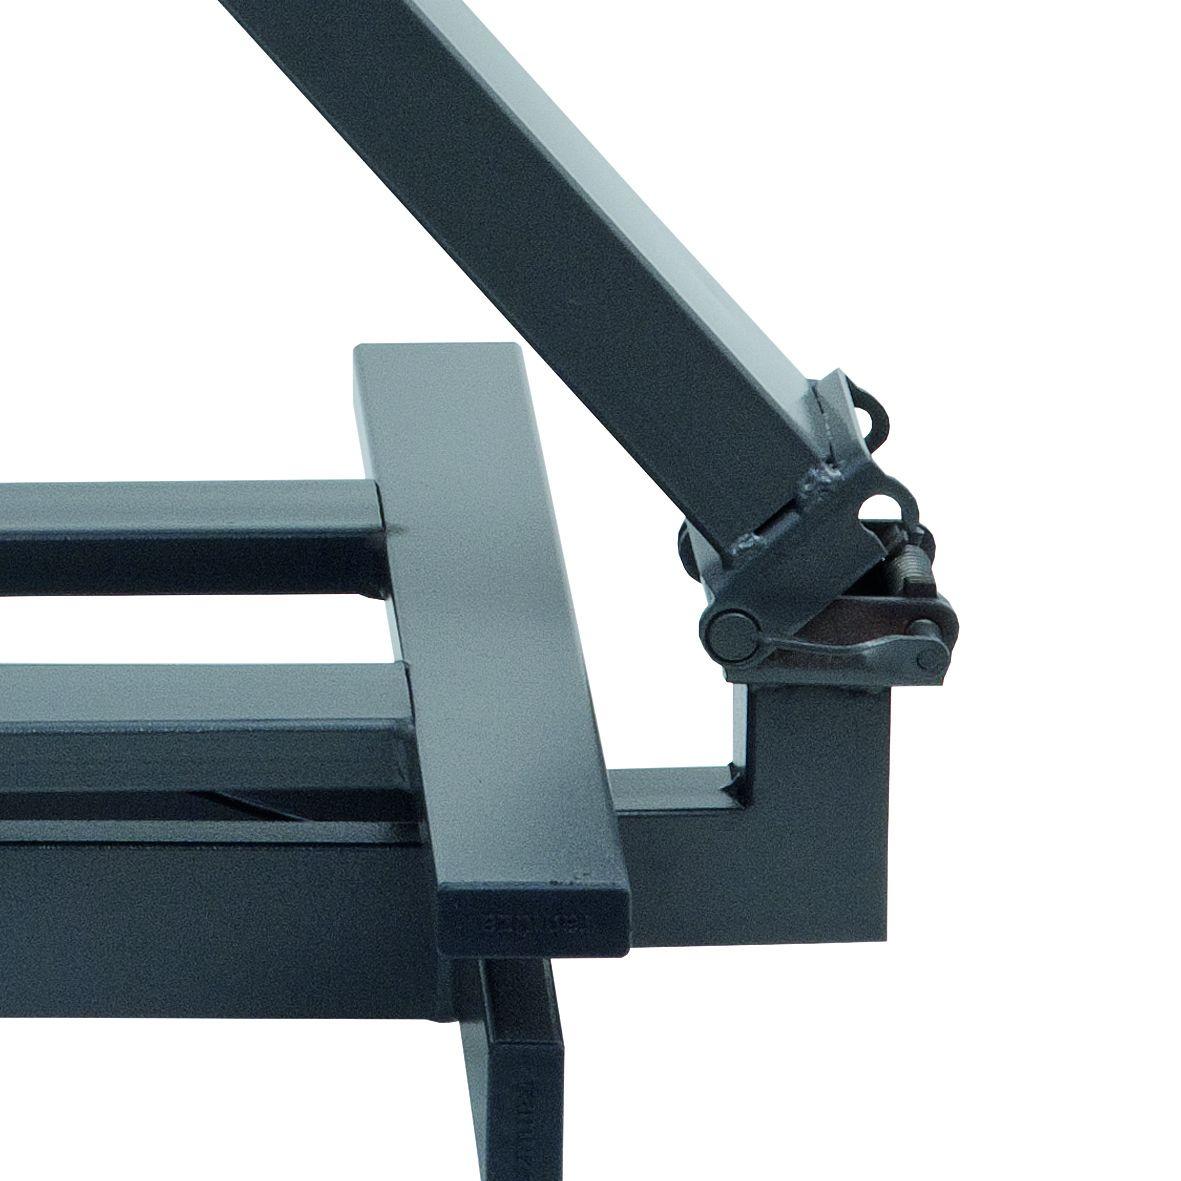 Balança Industrial Plataforma em Aço Carbono Ramuza DP - Capacidade: 50kg, Base: 40x40cm, IDR de Ferro